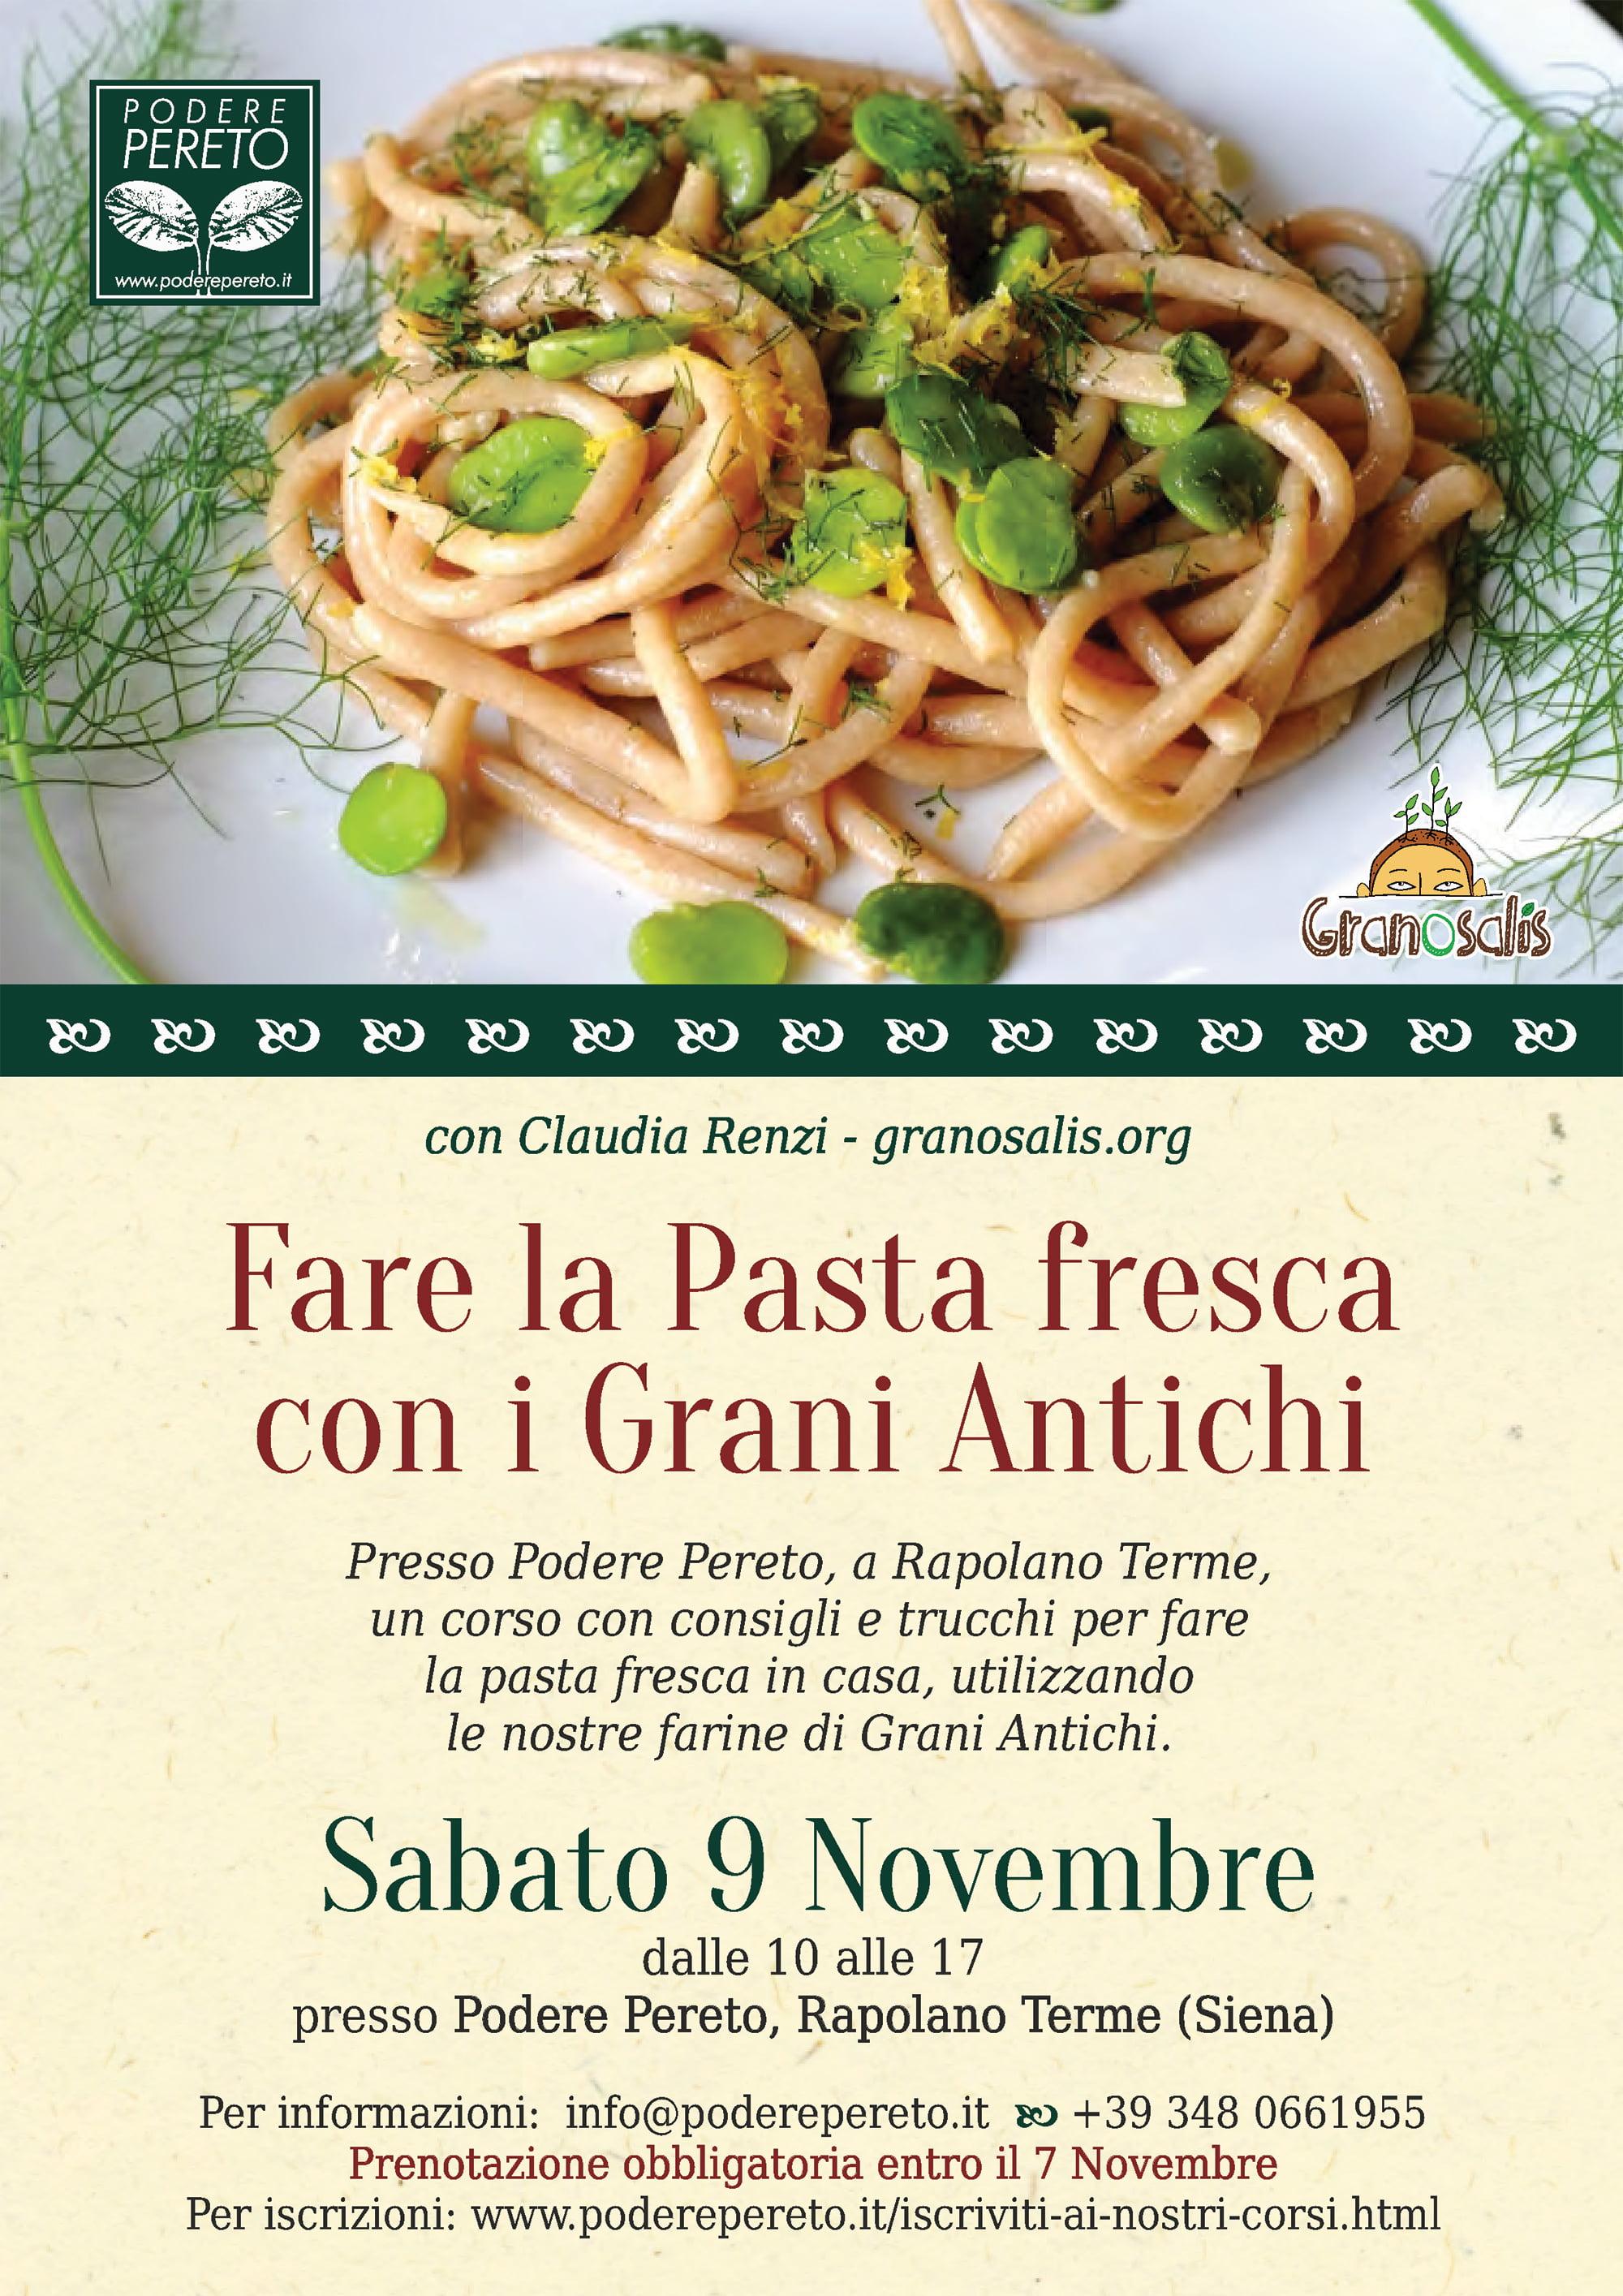 La pasta fresca con i grani antichi - Corso base 7